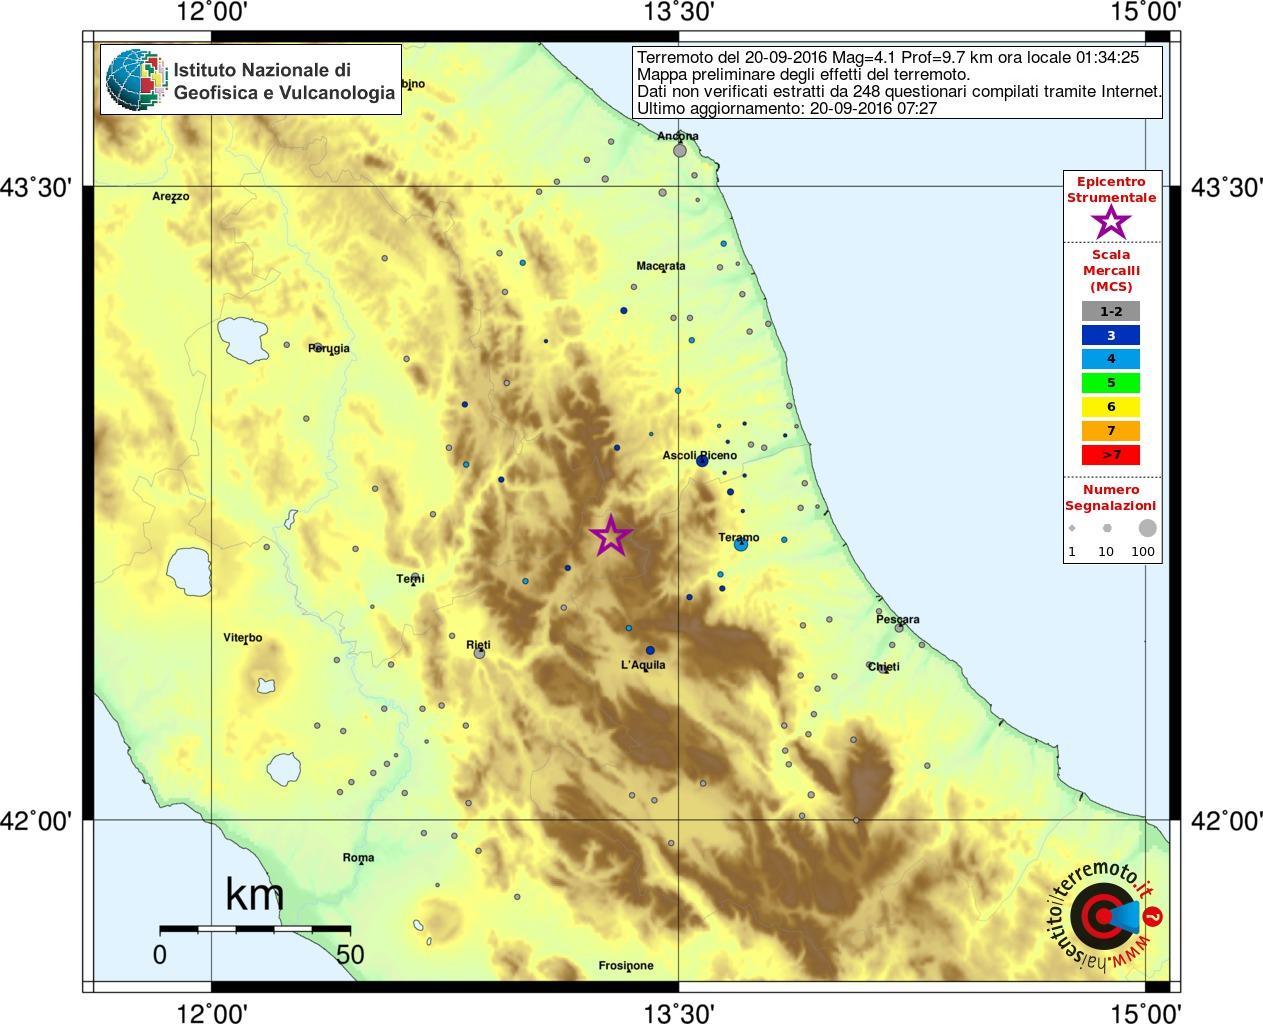 Terremoto Centro Italia: scosse nella notte, la più forte di magnitudo superiore a 4 [MAPPE e DATI INGV]